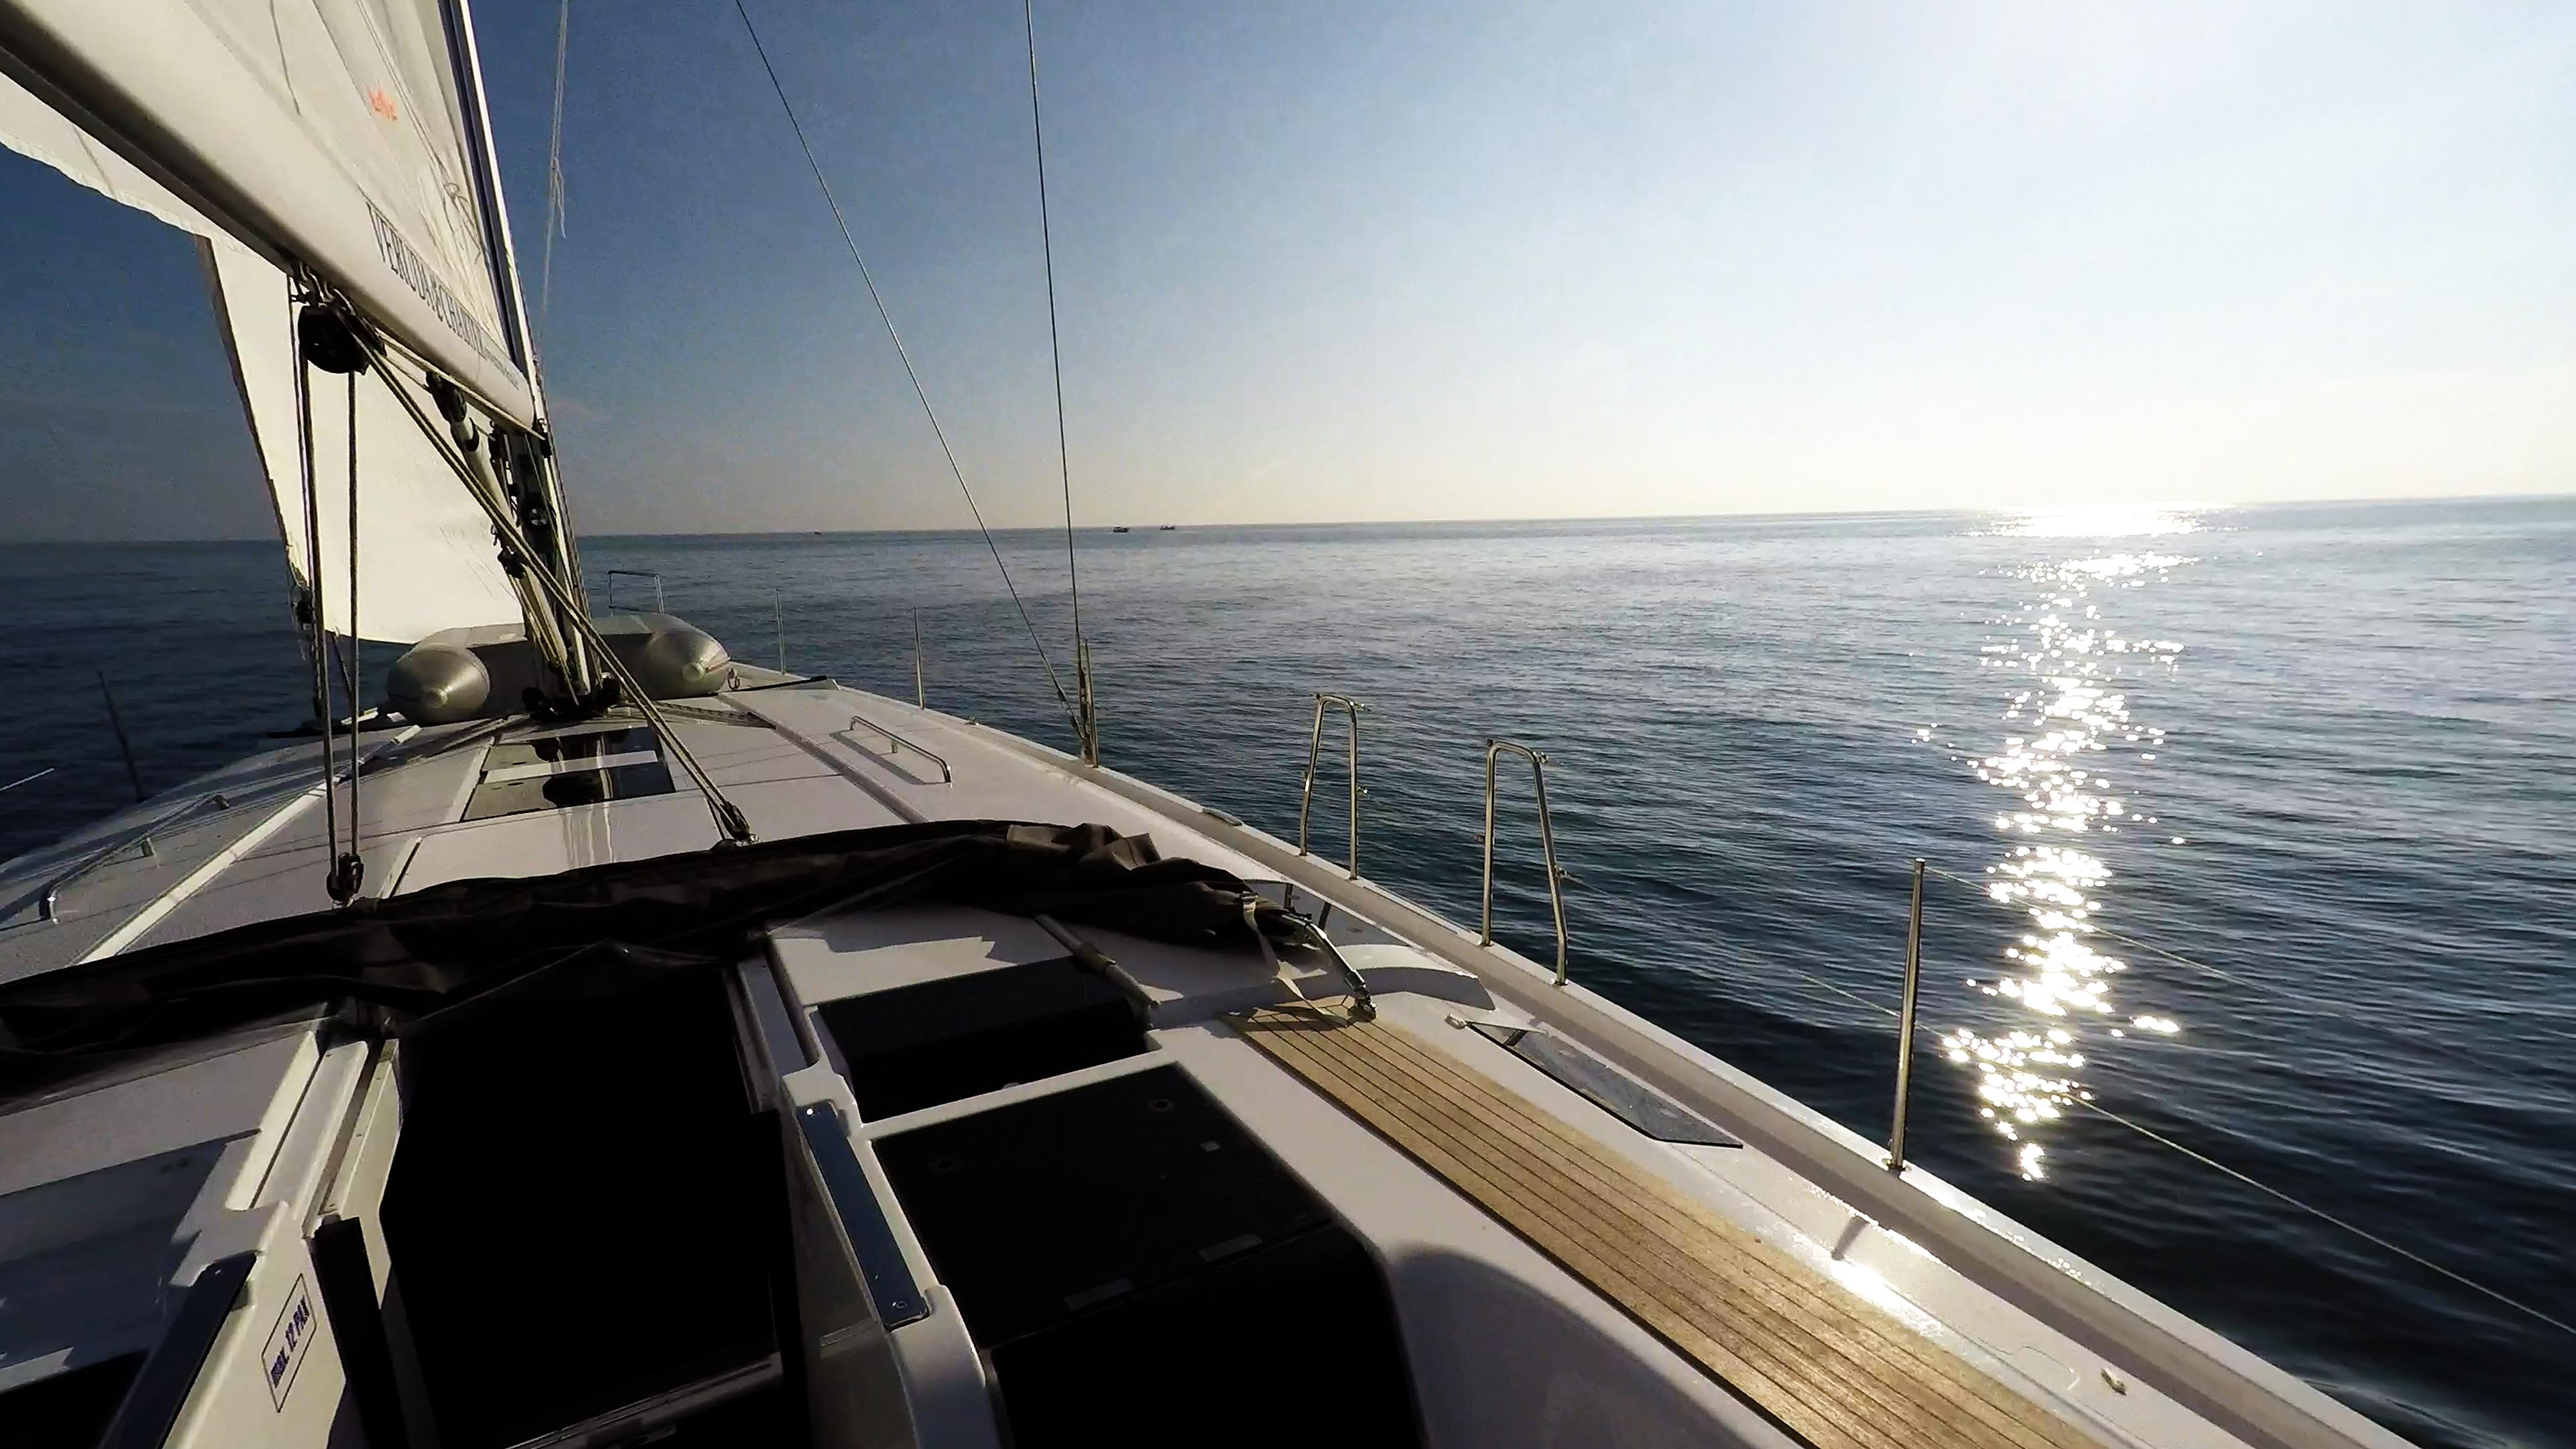 barcha a vela barca a vela veleggiare ponte sole mare blu Hanse 505